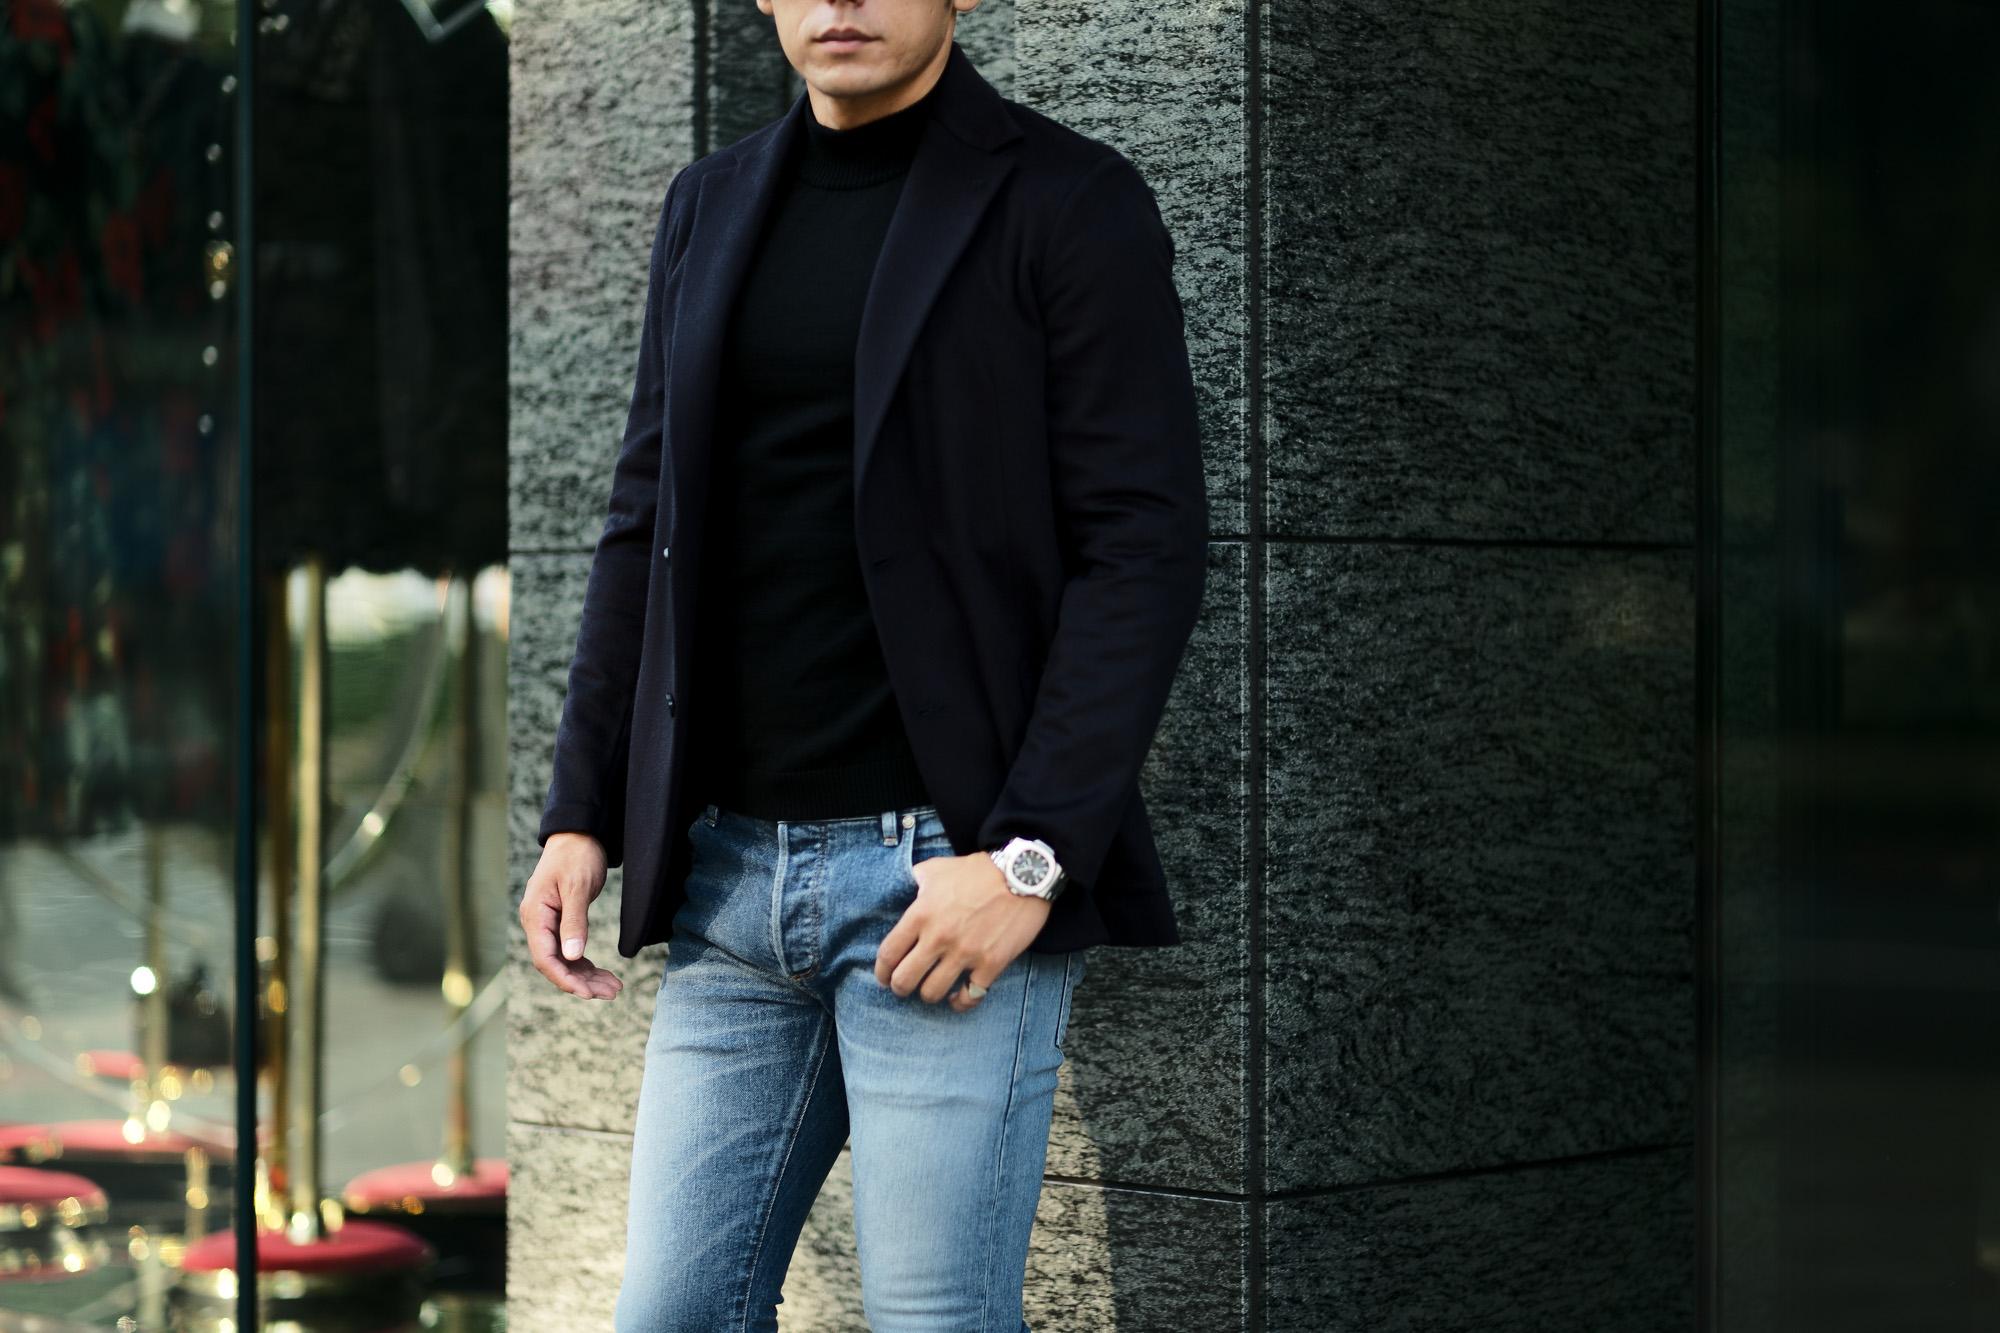 Finjack (フィンジャック) Cashmere 2B Jacket ヌーヴォラライン カシミヤ ジャケット NAVY (ネイビー) Made in italy (イタリア製) 2021 秋冬新作 愛知 名古屋 Alto e Diritto altoediritto アルトエデリット カシミアジャケット カシミヤジャケット